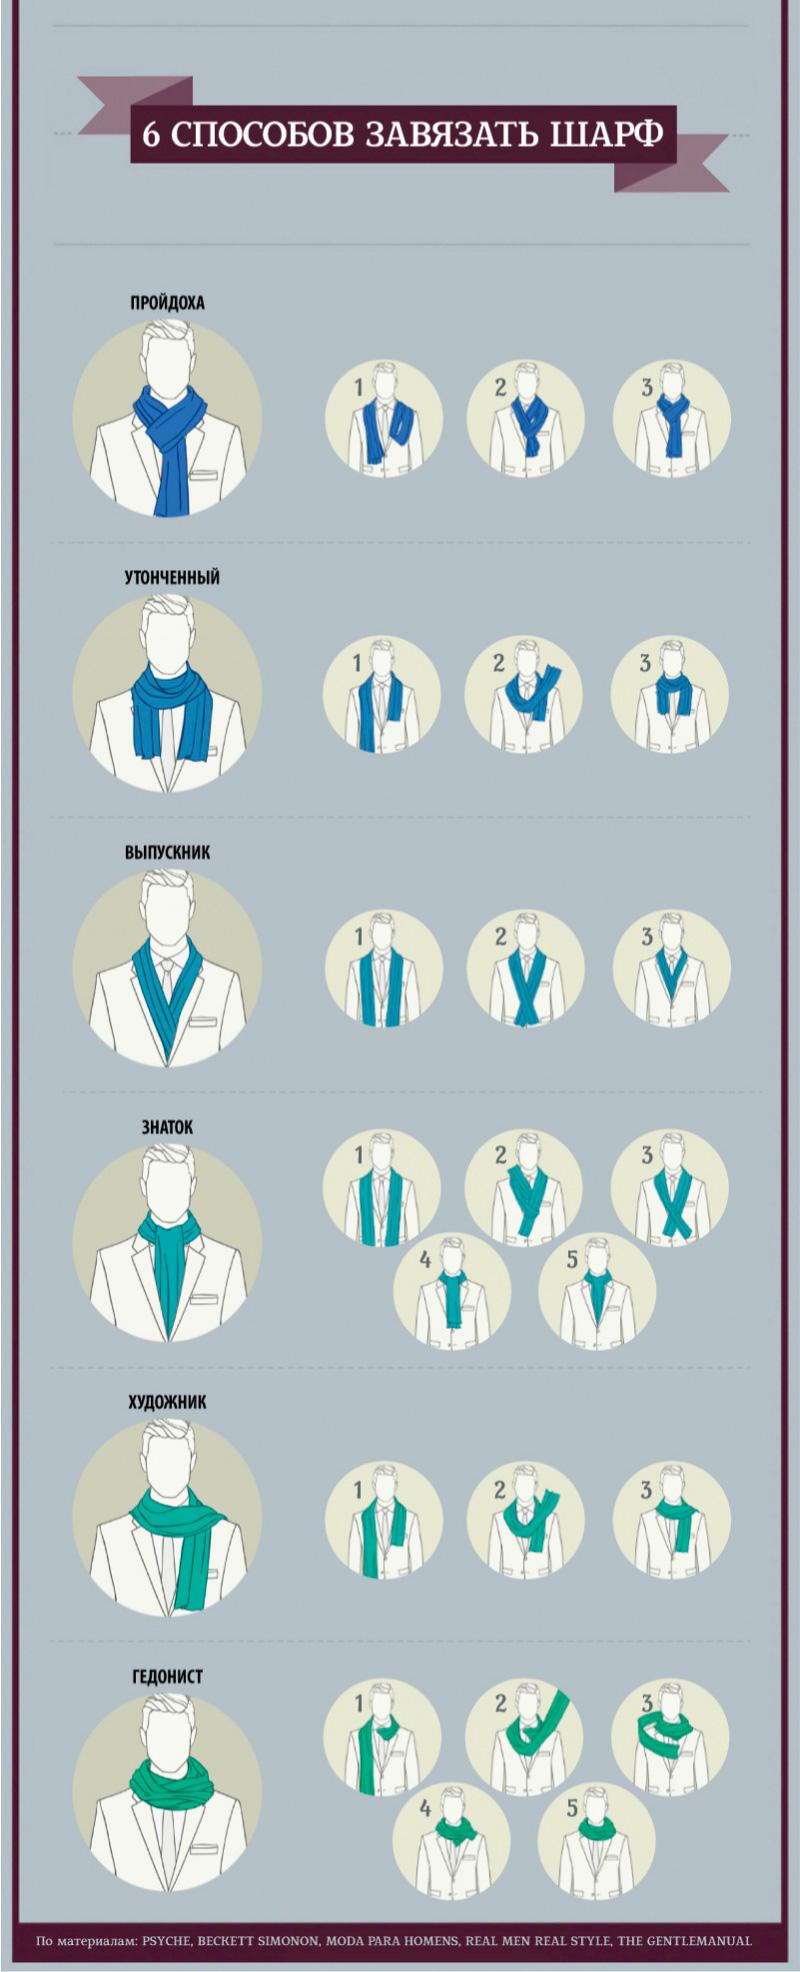 Гид по мужскому костюму - 6 способов завязать шарф.